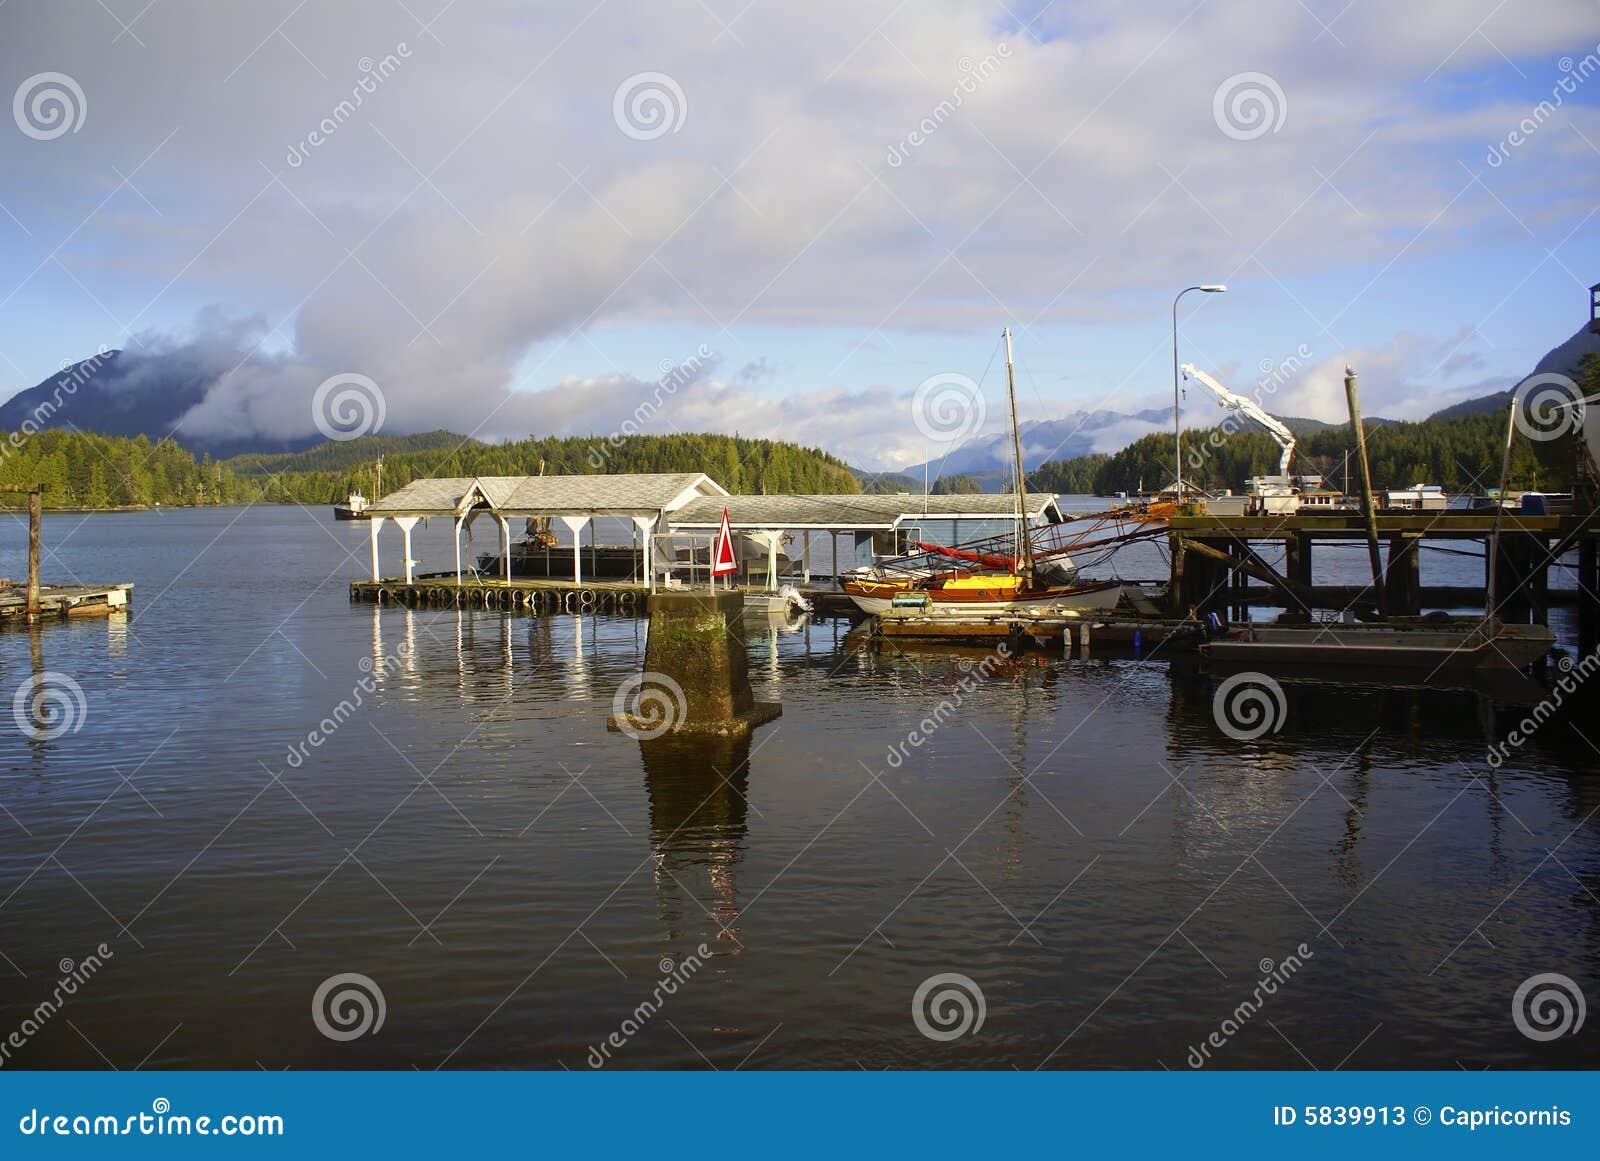 Pin lake pier dock kayak sunset nature free hd wallpapers for Fishing docks near me